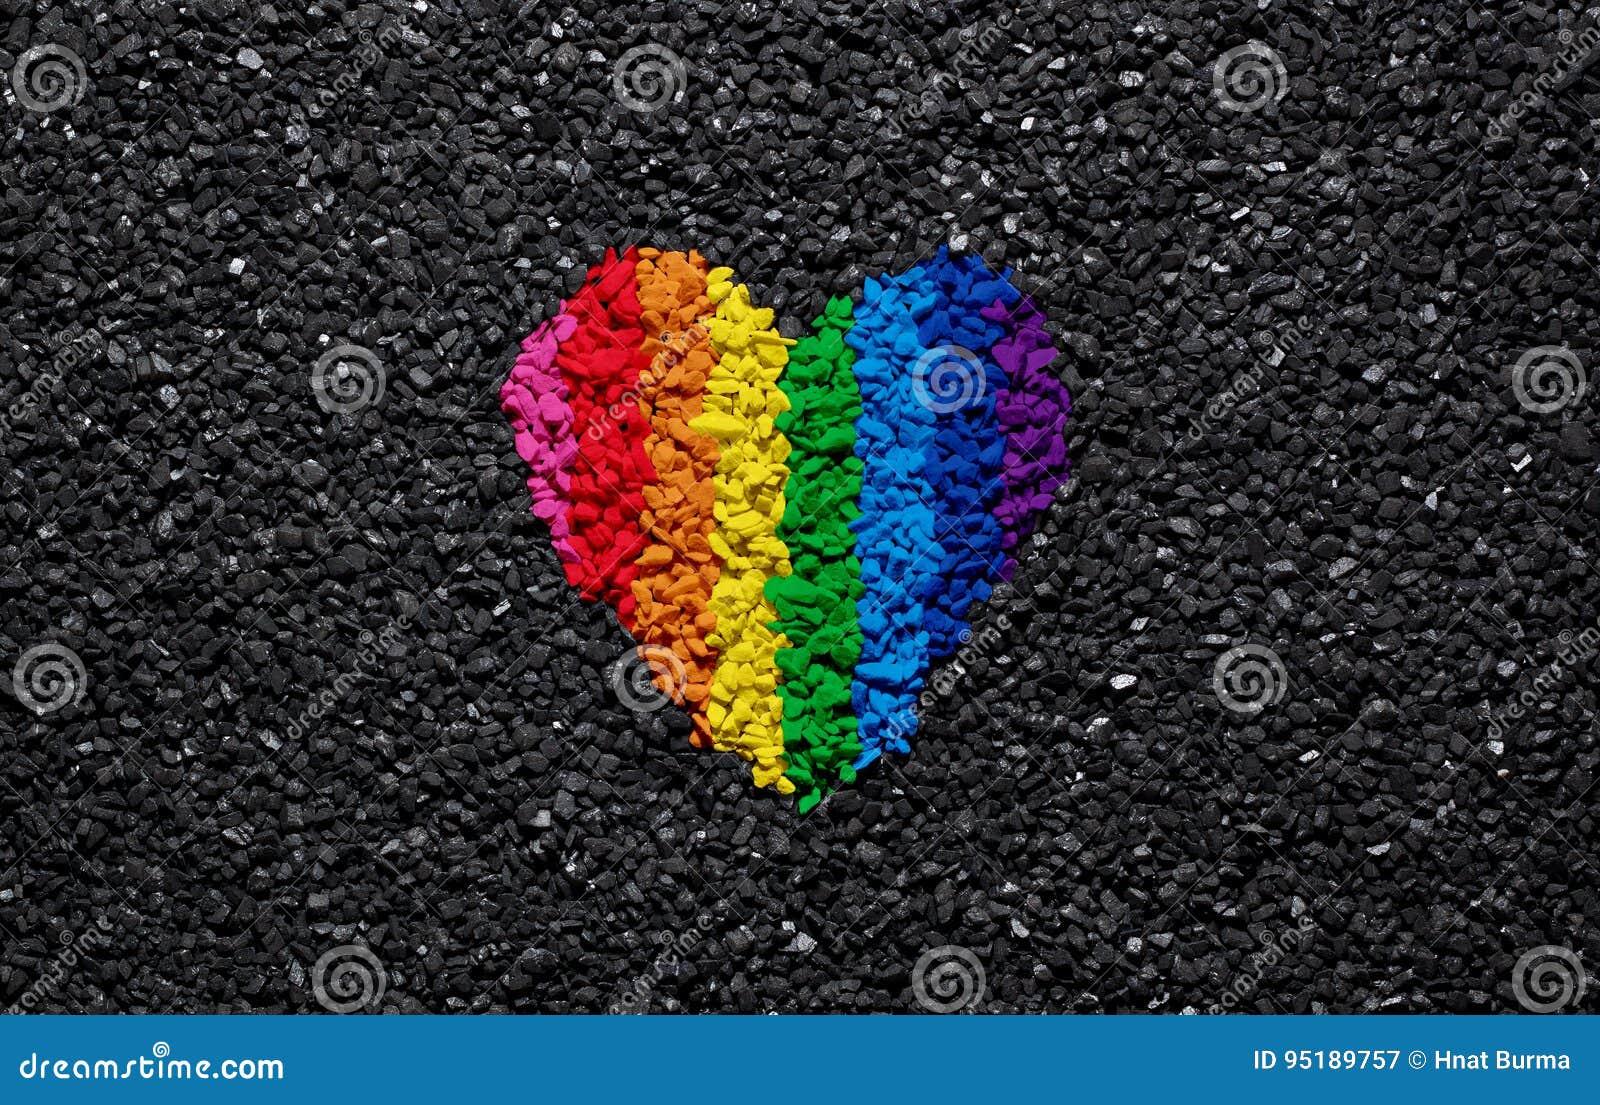 Καρδιά ουράνιων τόξων στο μαύρα υπόβαθρο, το αμμοχάλικο και το βότσαλο, χρώματα LGBT, ταπετσαρία αγάπης, βαλεντίνος